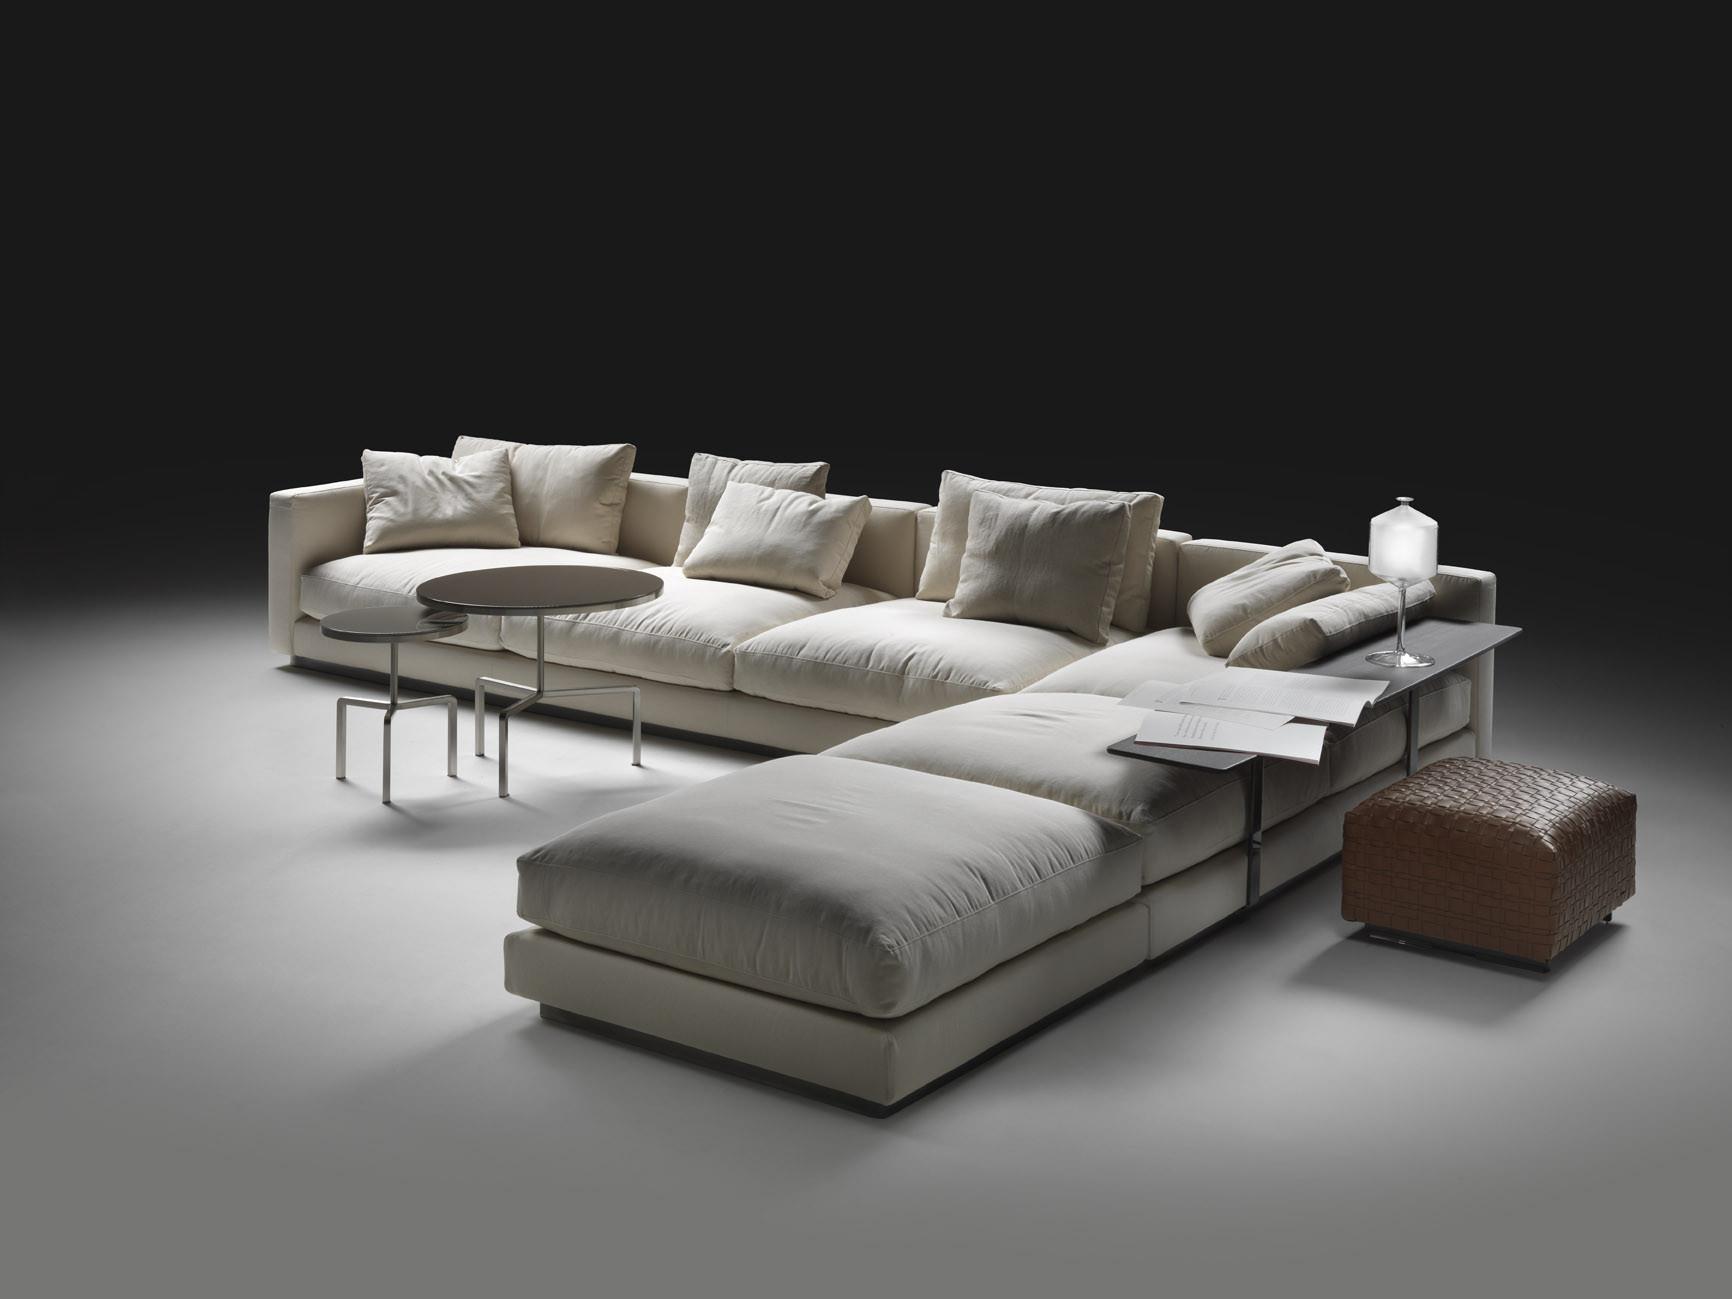 casa. Black Bedroom Furniture Sets. Home Design Ideas